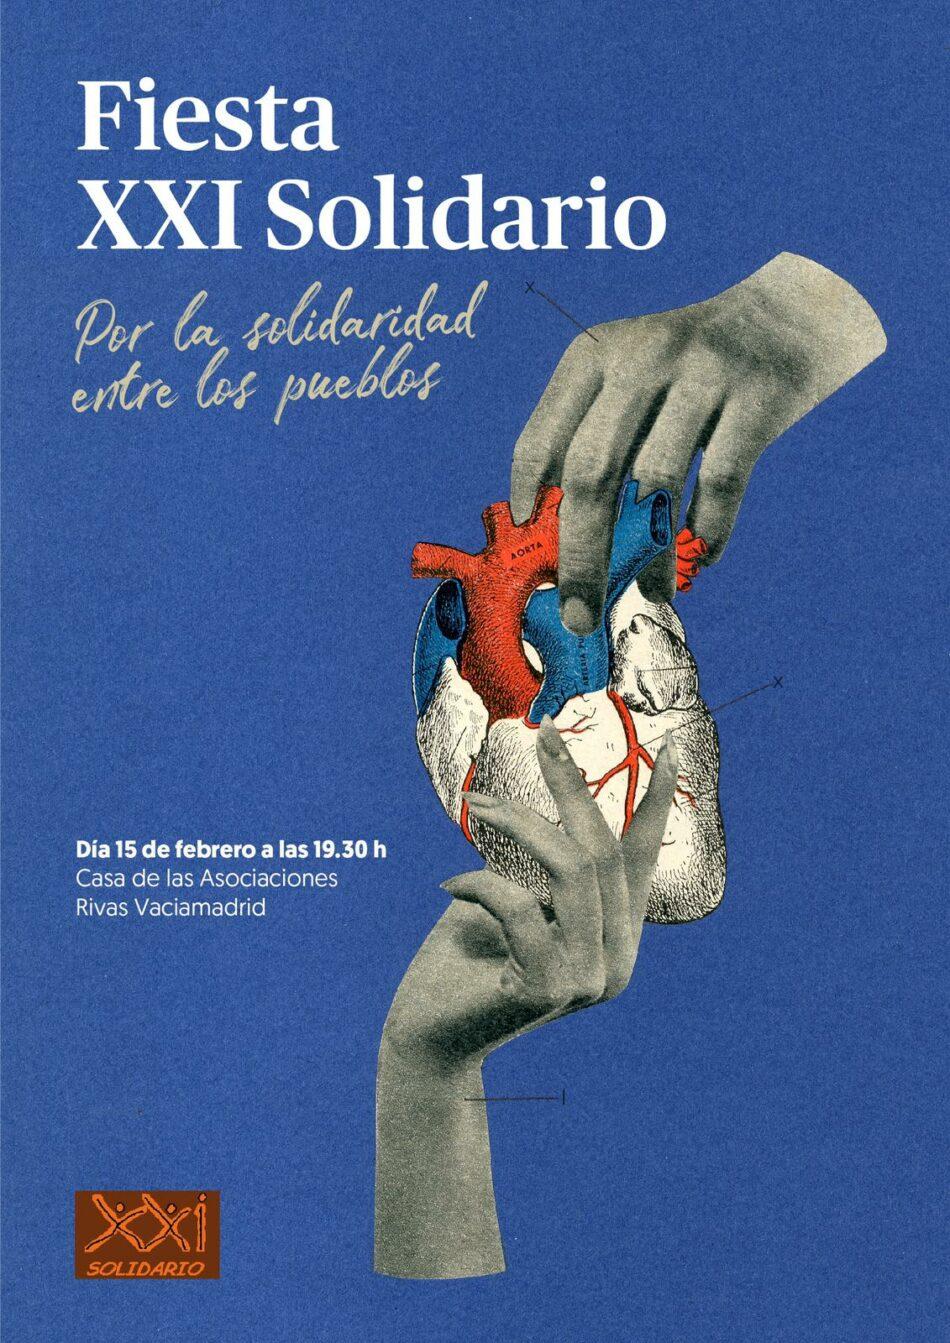 XXI Solidario celebra el próximo 15 de febrero su fiesta anual, a la que invita a todos los vecinos/as de Rivas